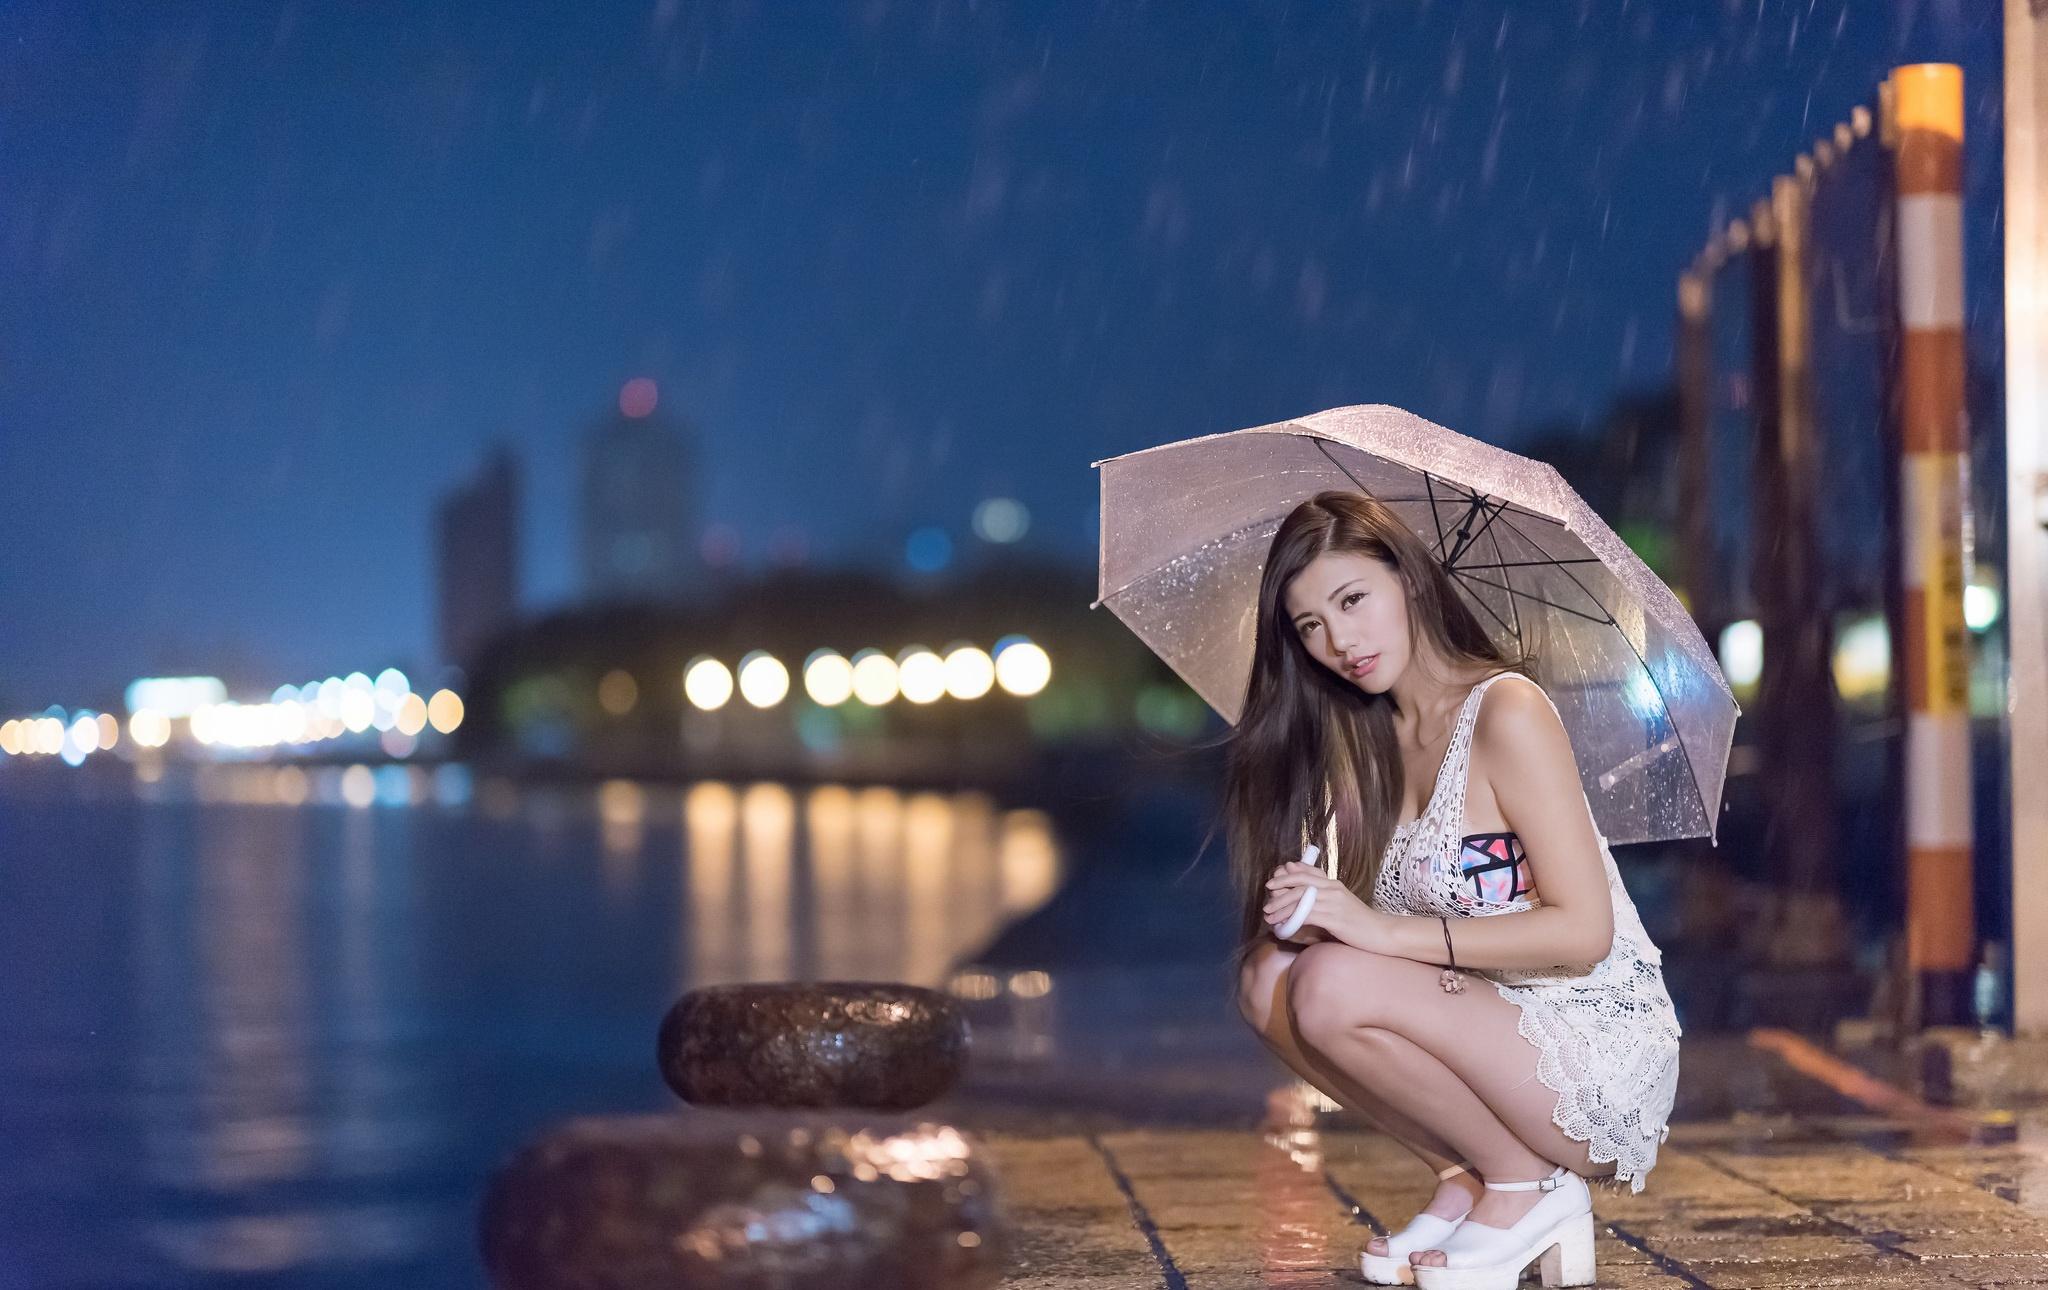 фотосессии в дождь одному большинстве